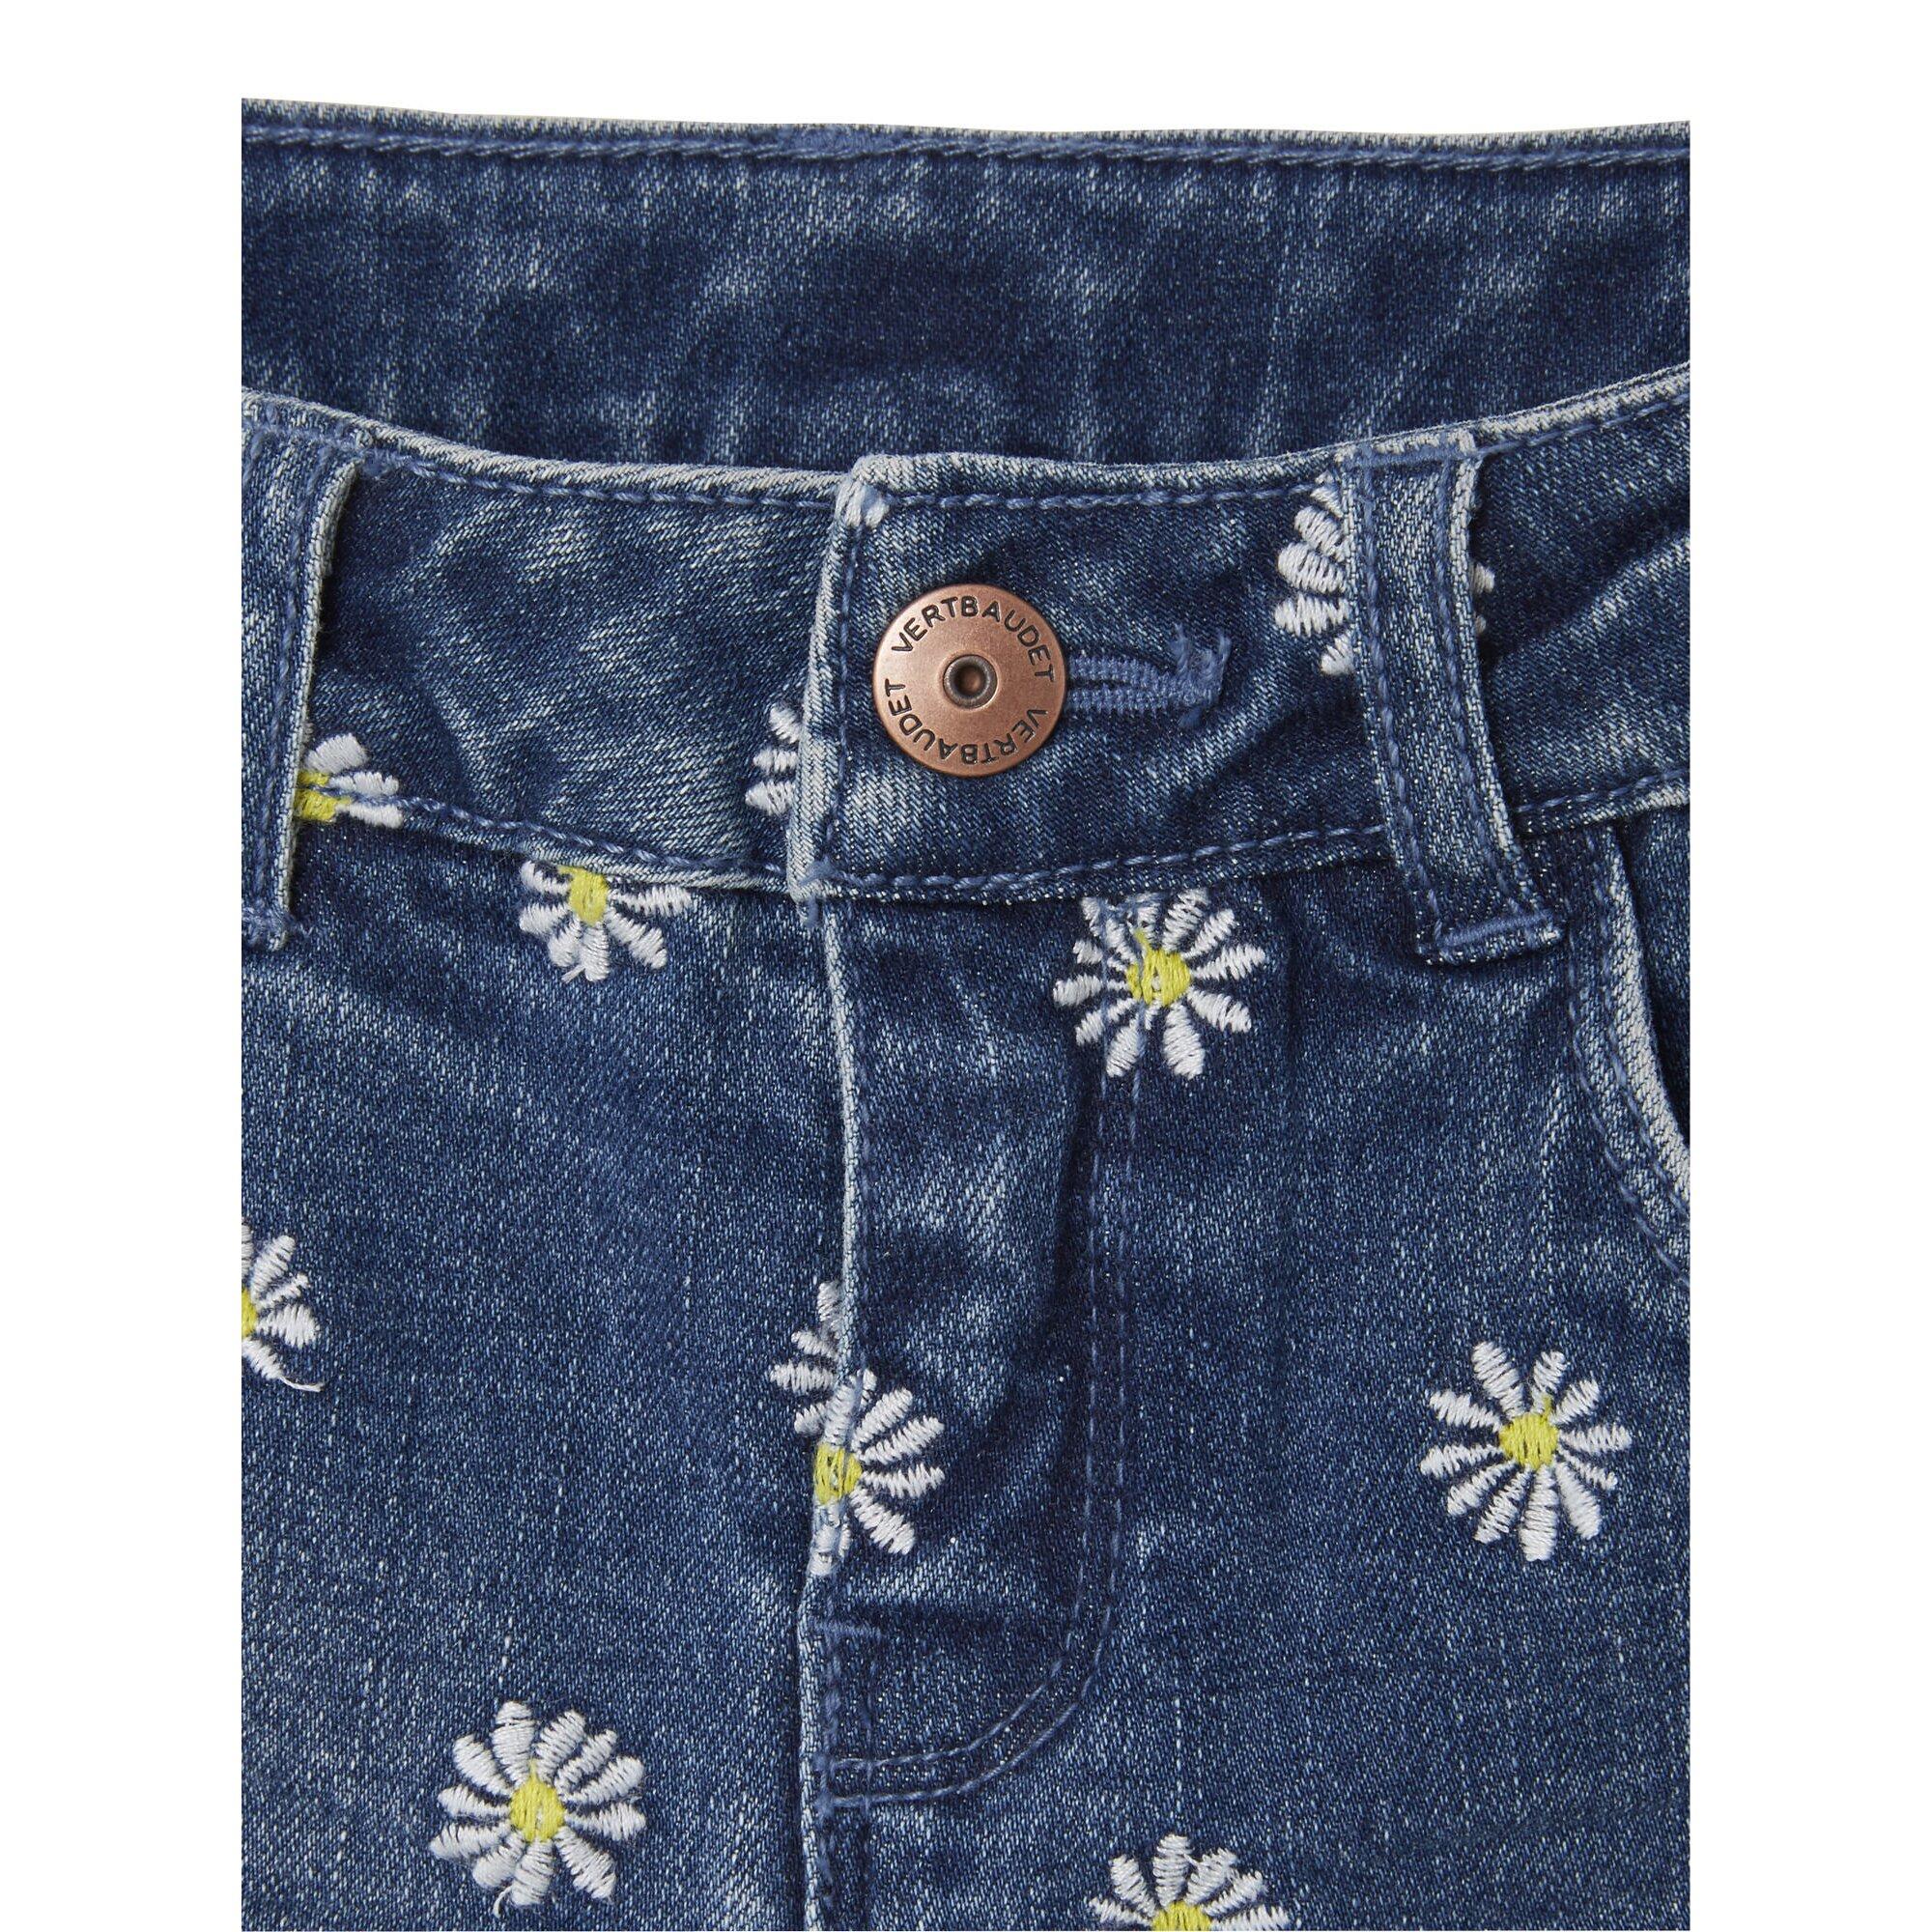 vertbaudet-madchen-jeansshorts-mit-floraler-stickerei, 23.99 EUR @ babywalz-de